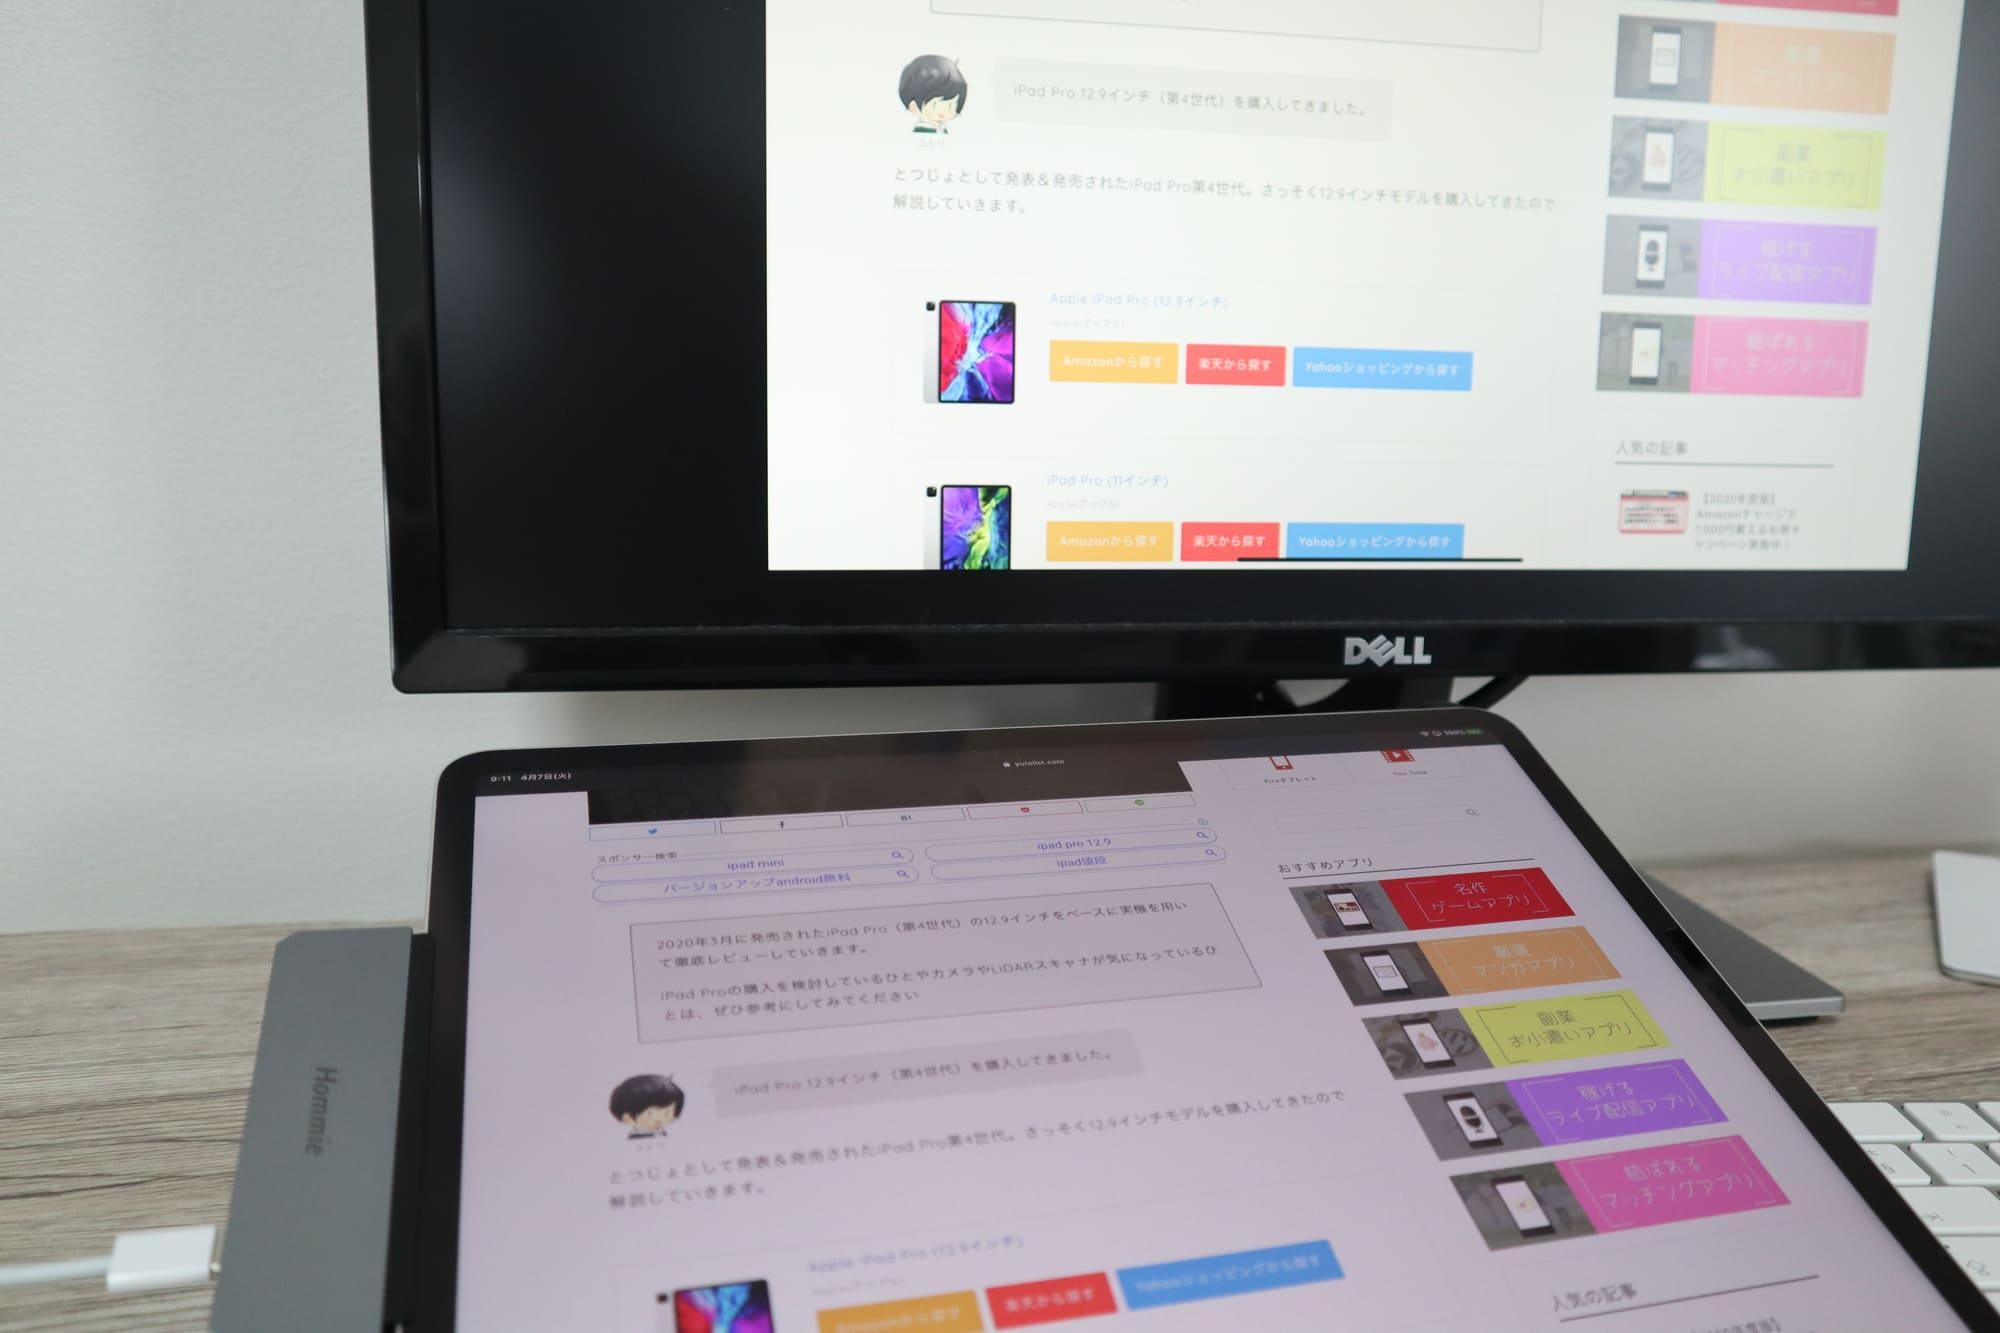 iPad Proとディスプレイ